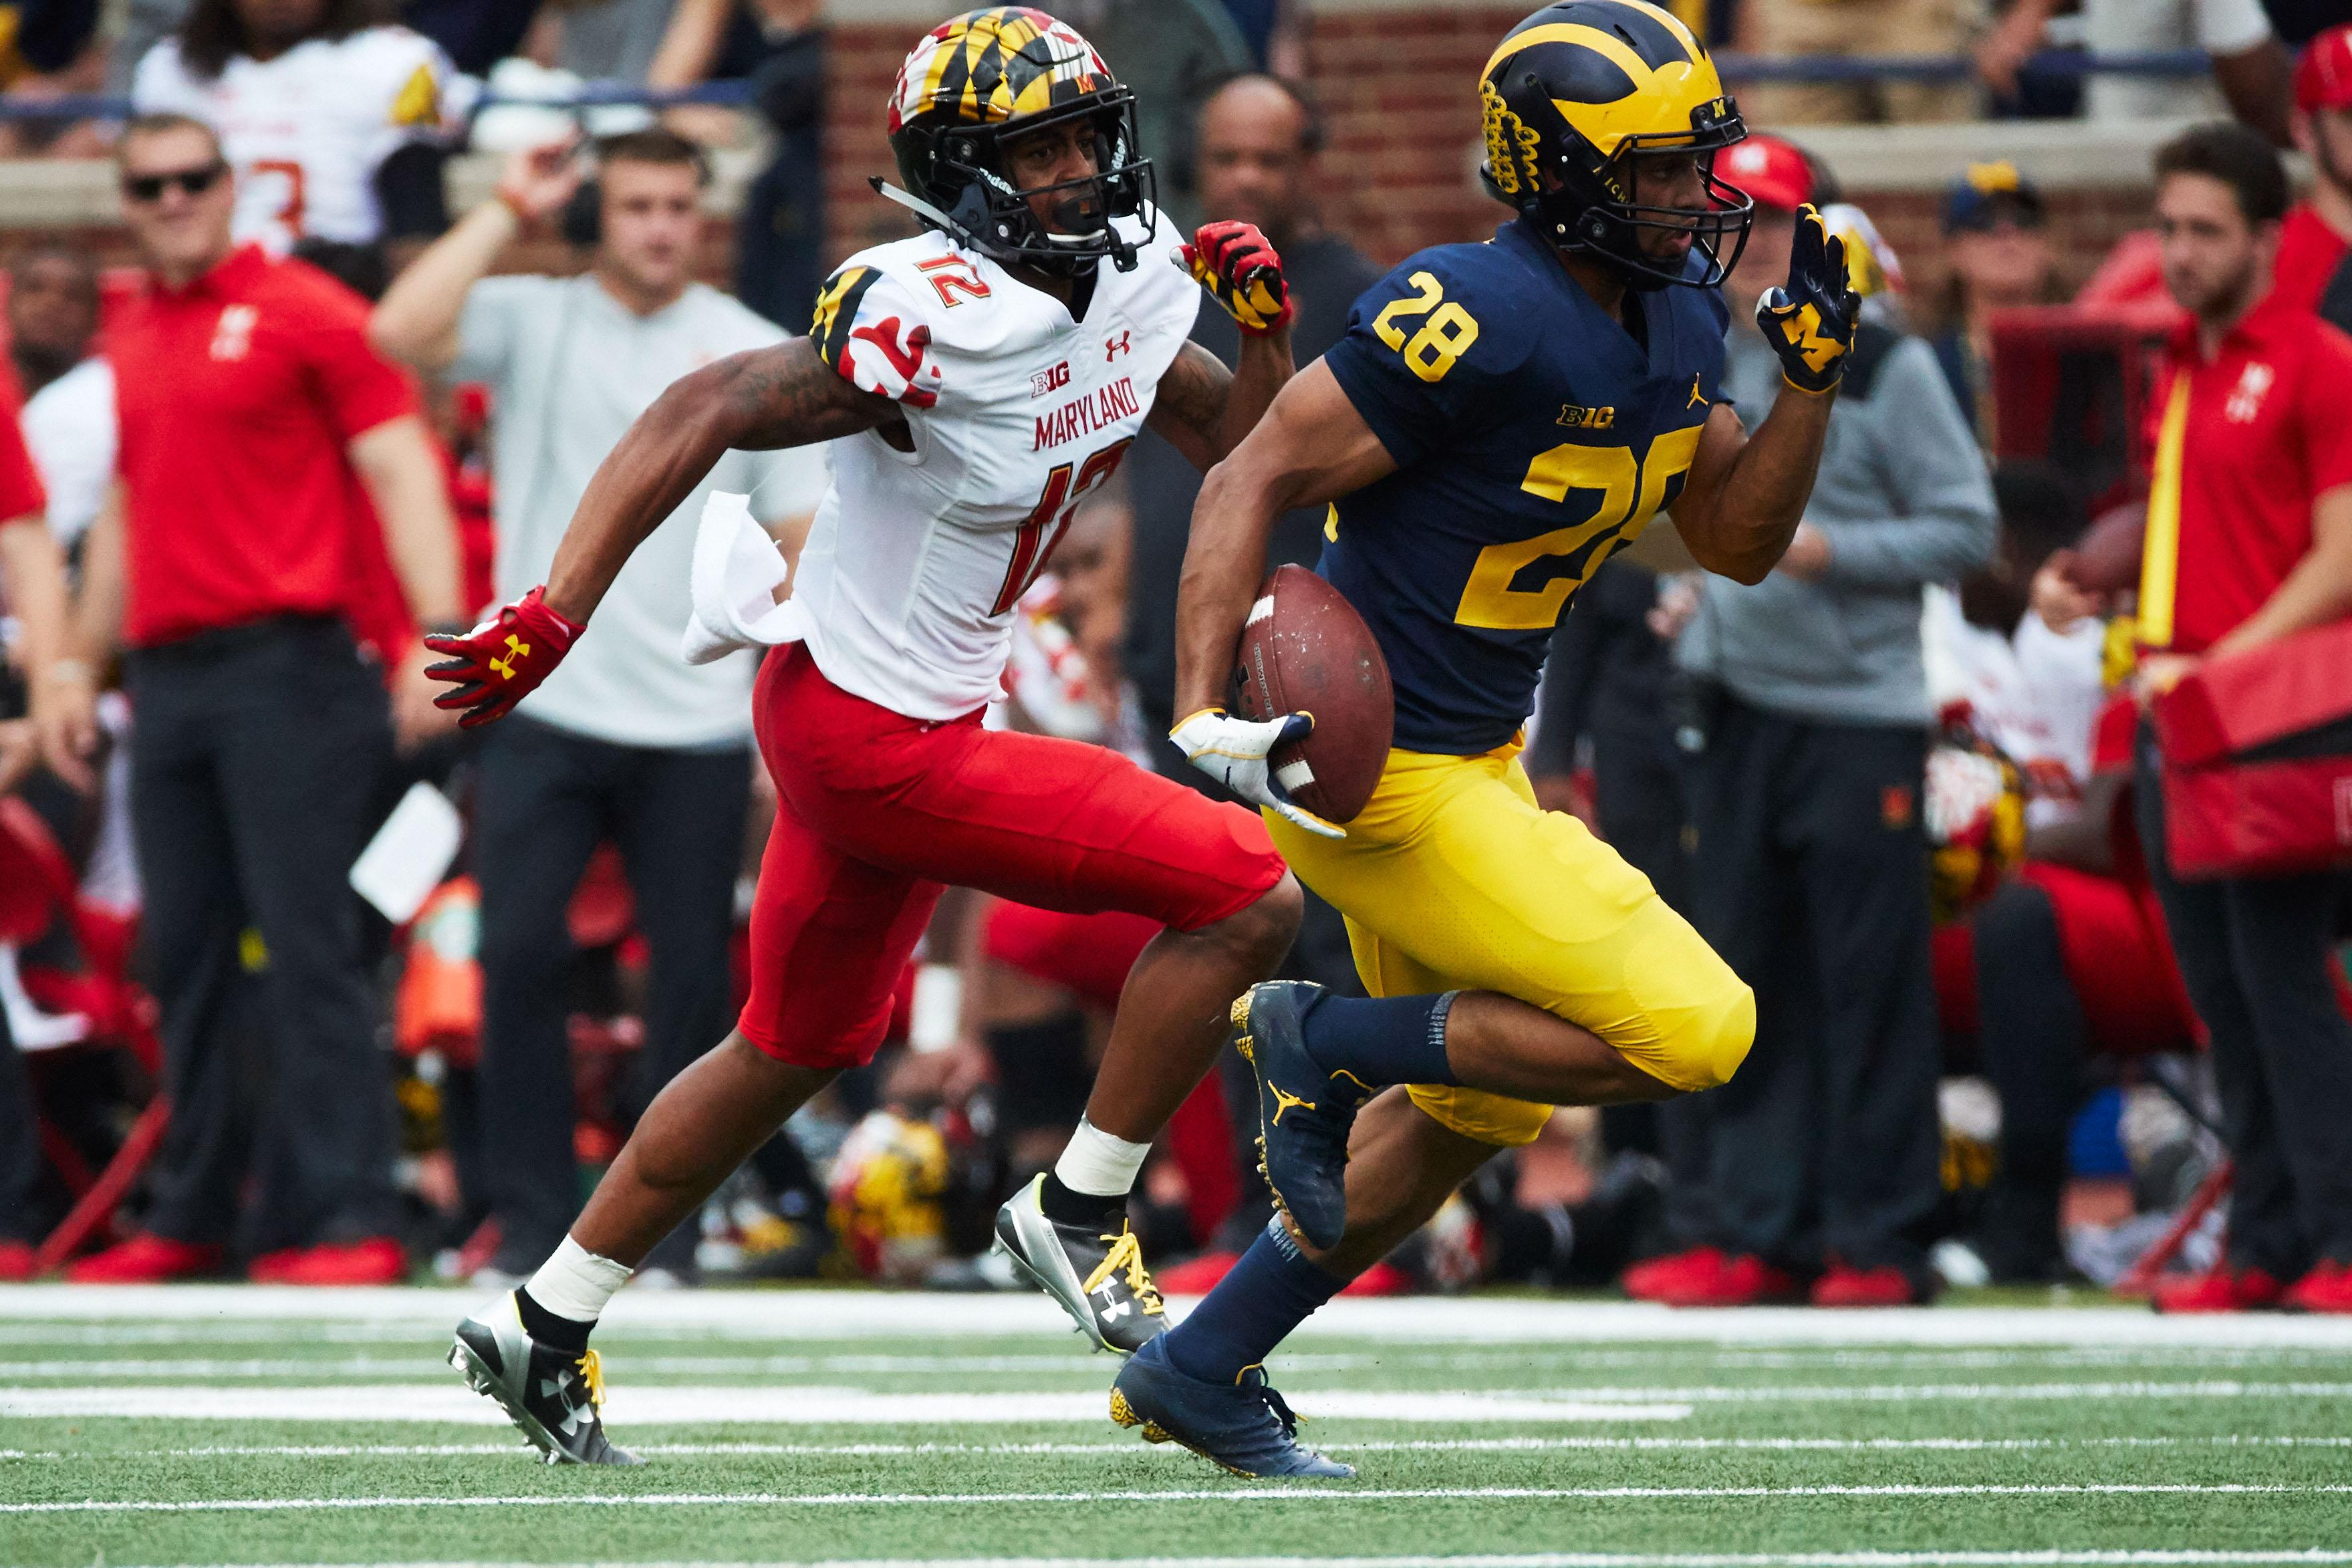 NCAA Football: Maryland at Michigan